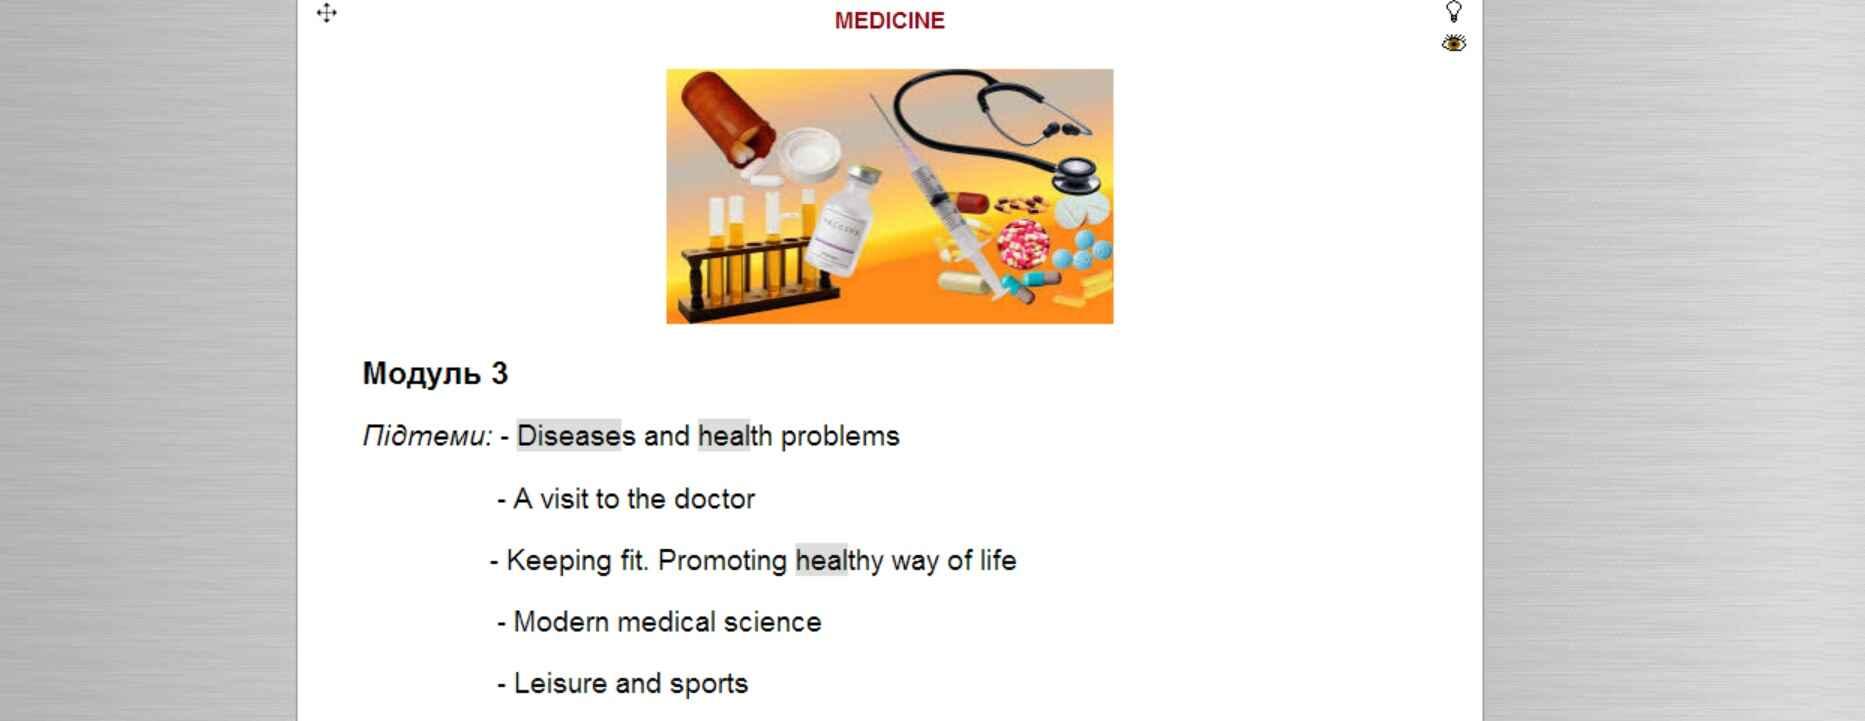 medicine-moodle